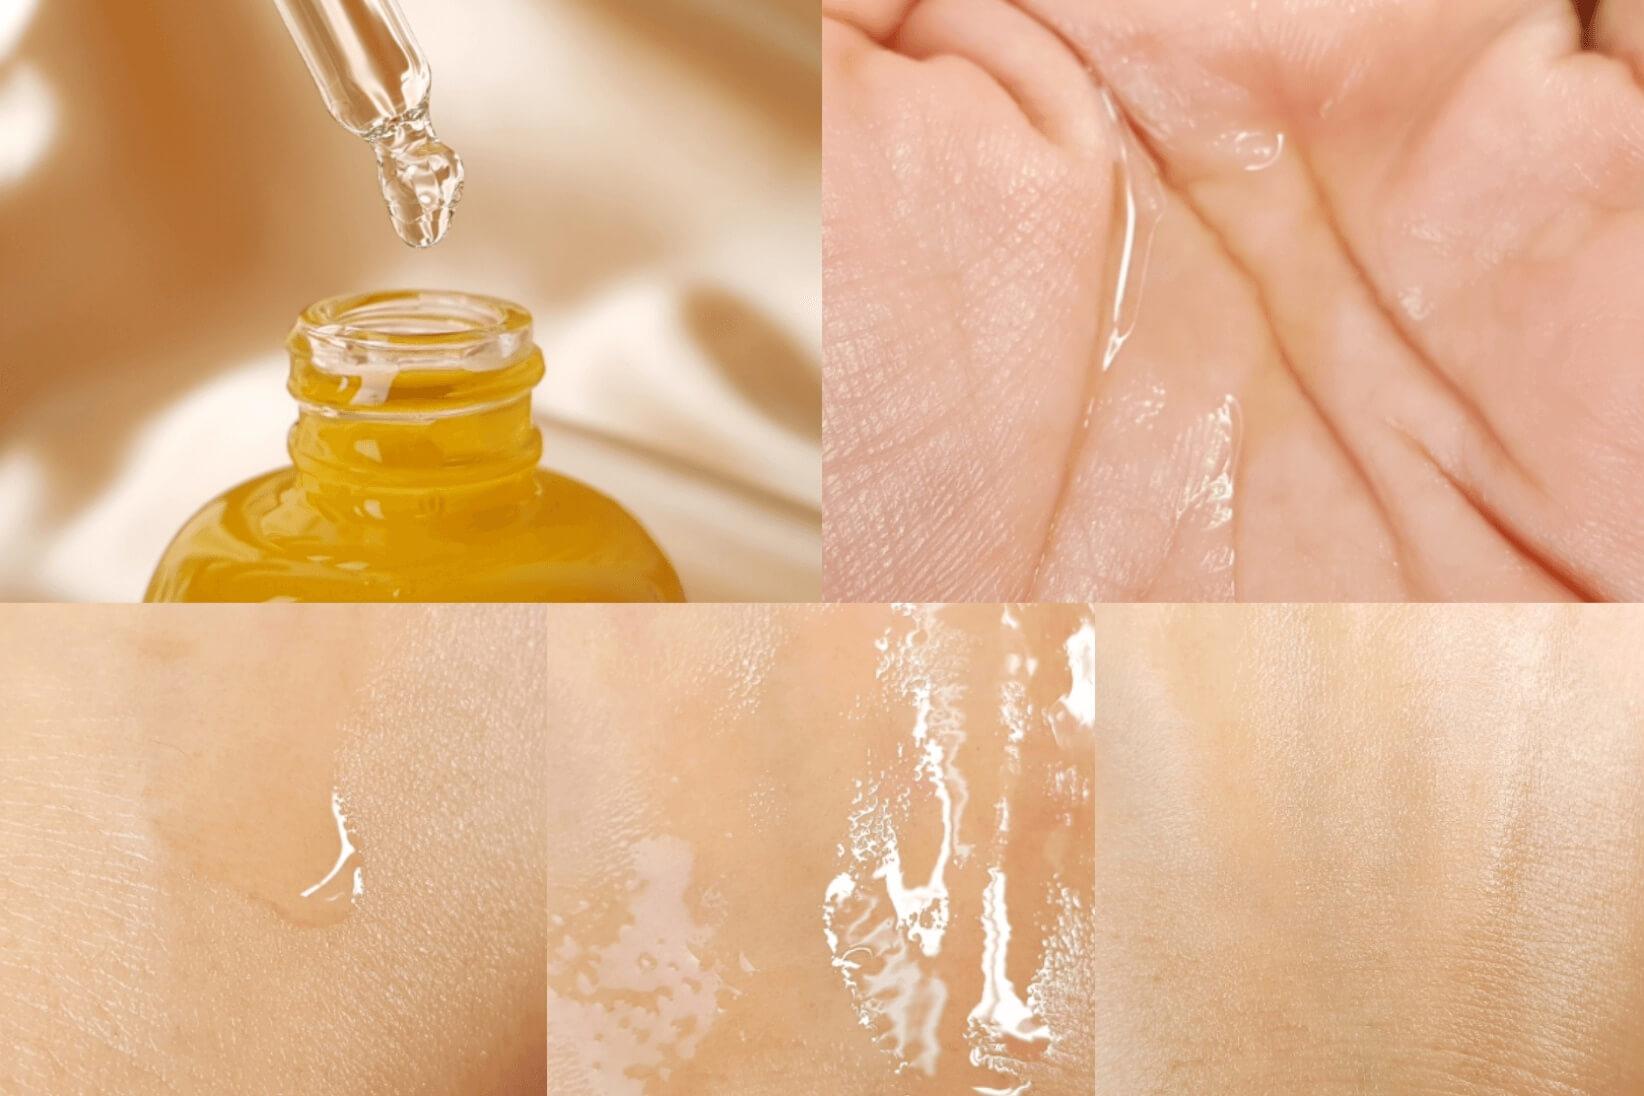 ใช้ Divine Youth Face Oil เป็น Pre-Serum ก่อนลงบำรุงในขึ้นตอนต่อไป